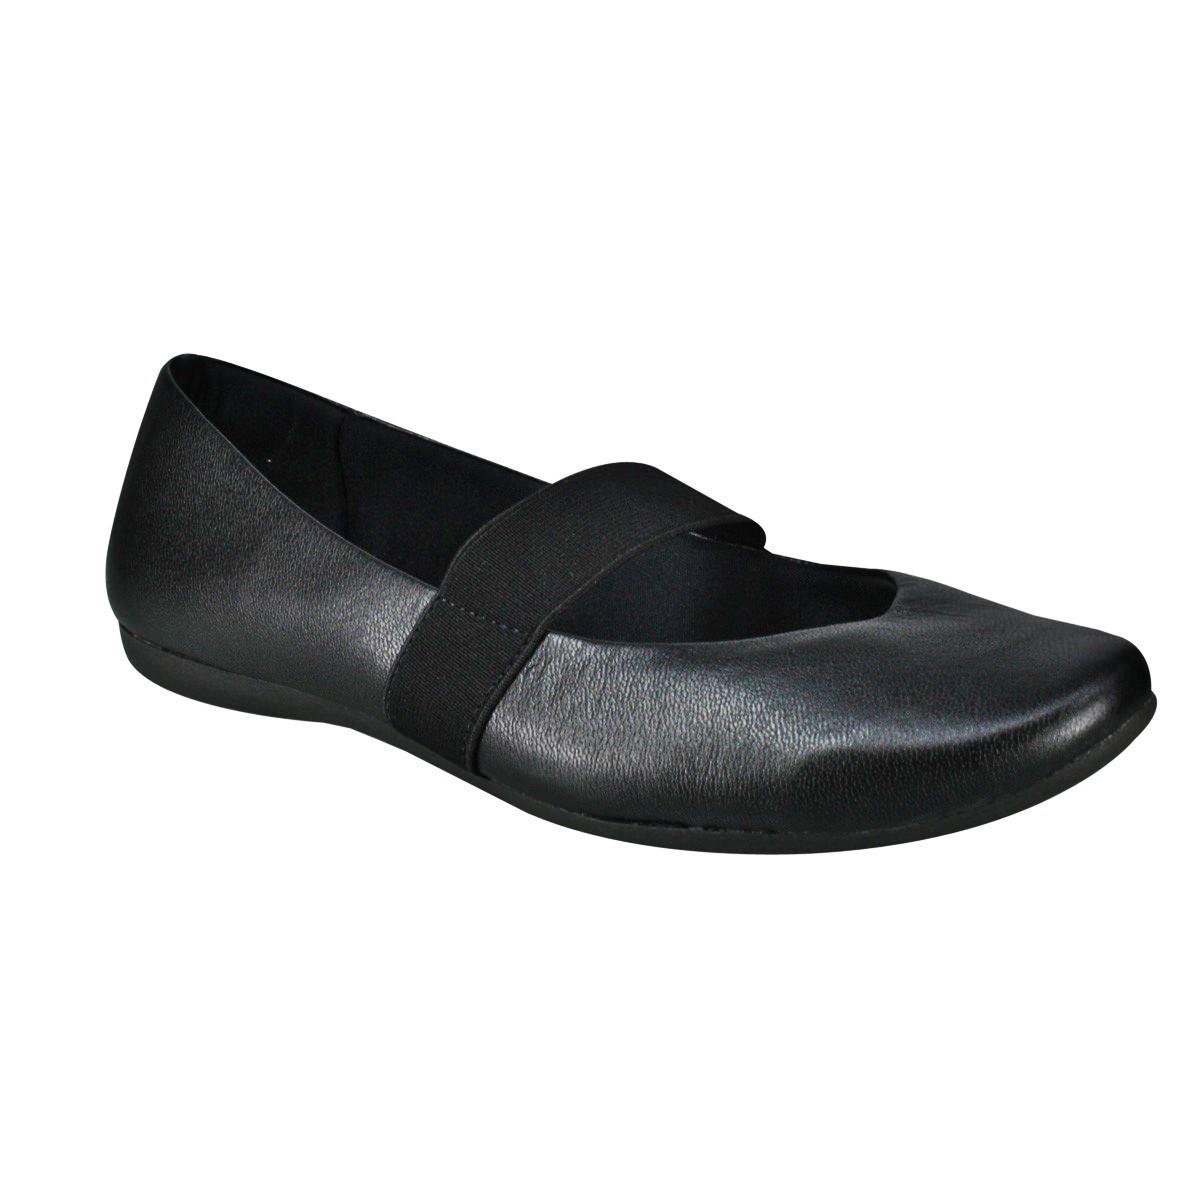 e3463b13e Sapato Boneca Usaflex T7503/50 - Preto (Caprina/Laminado) - Calçados ...